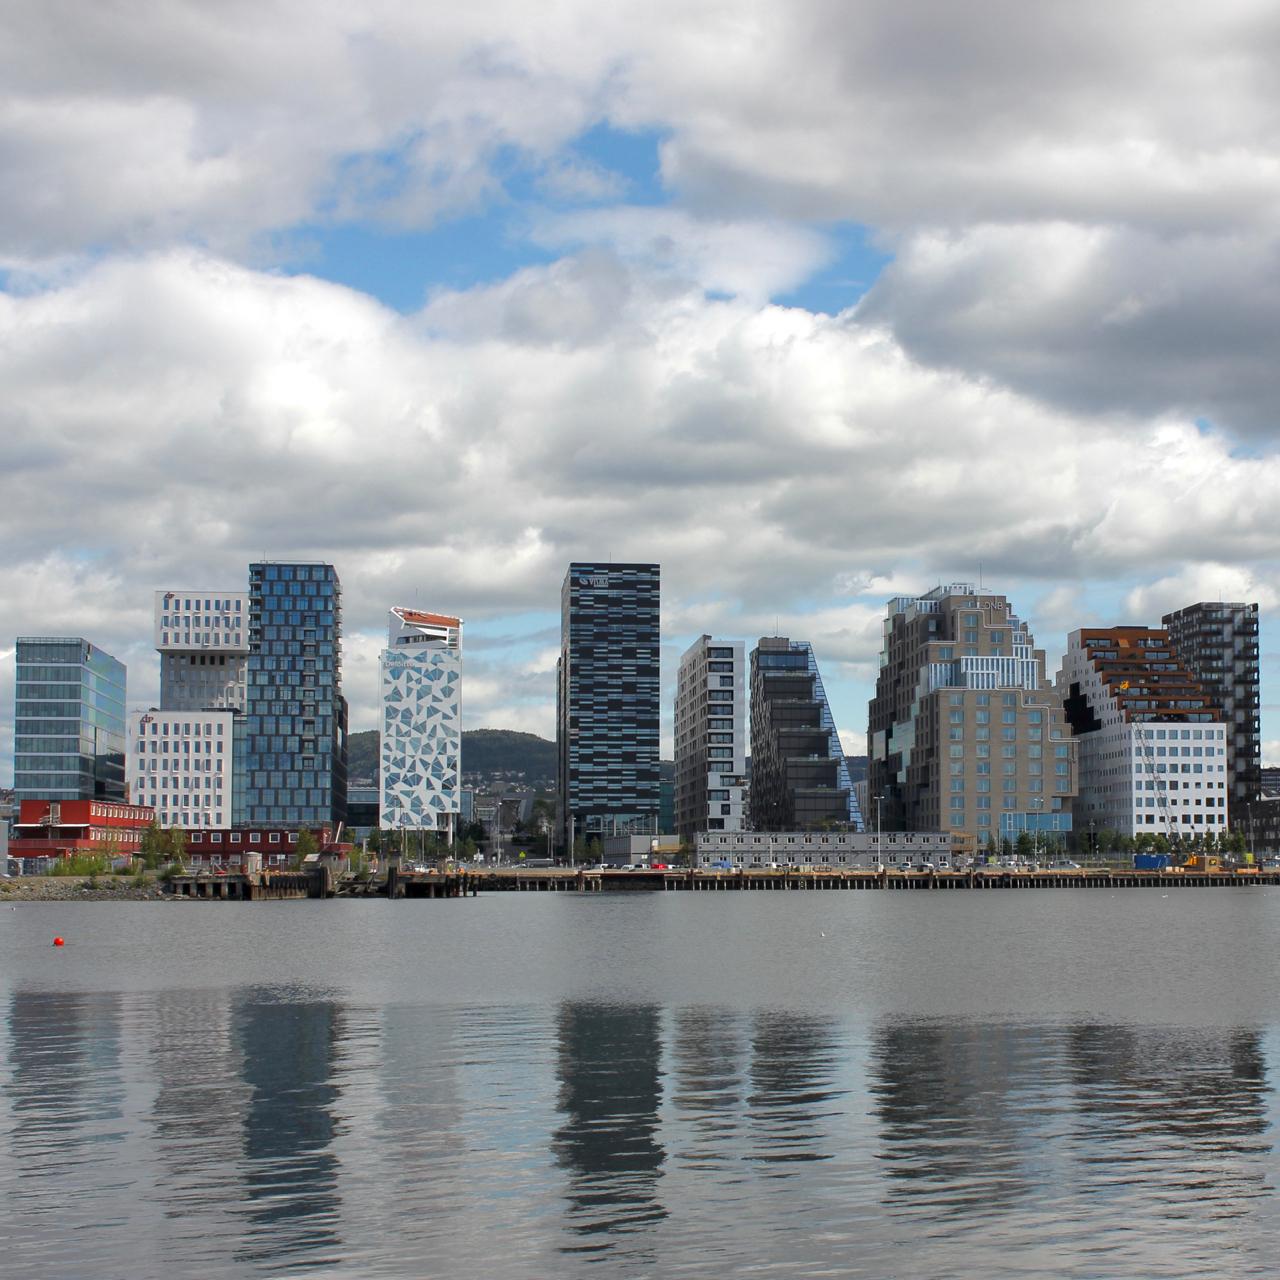 Oslo, Norway - 11